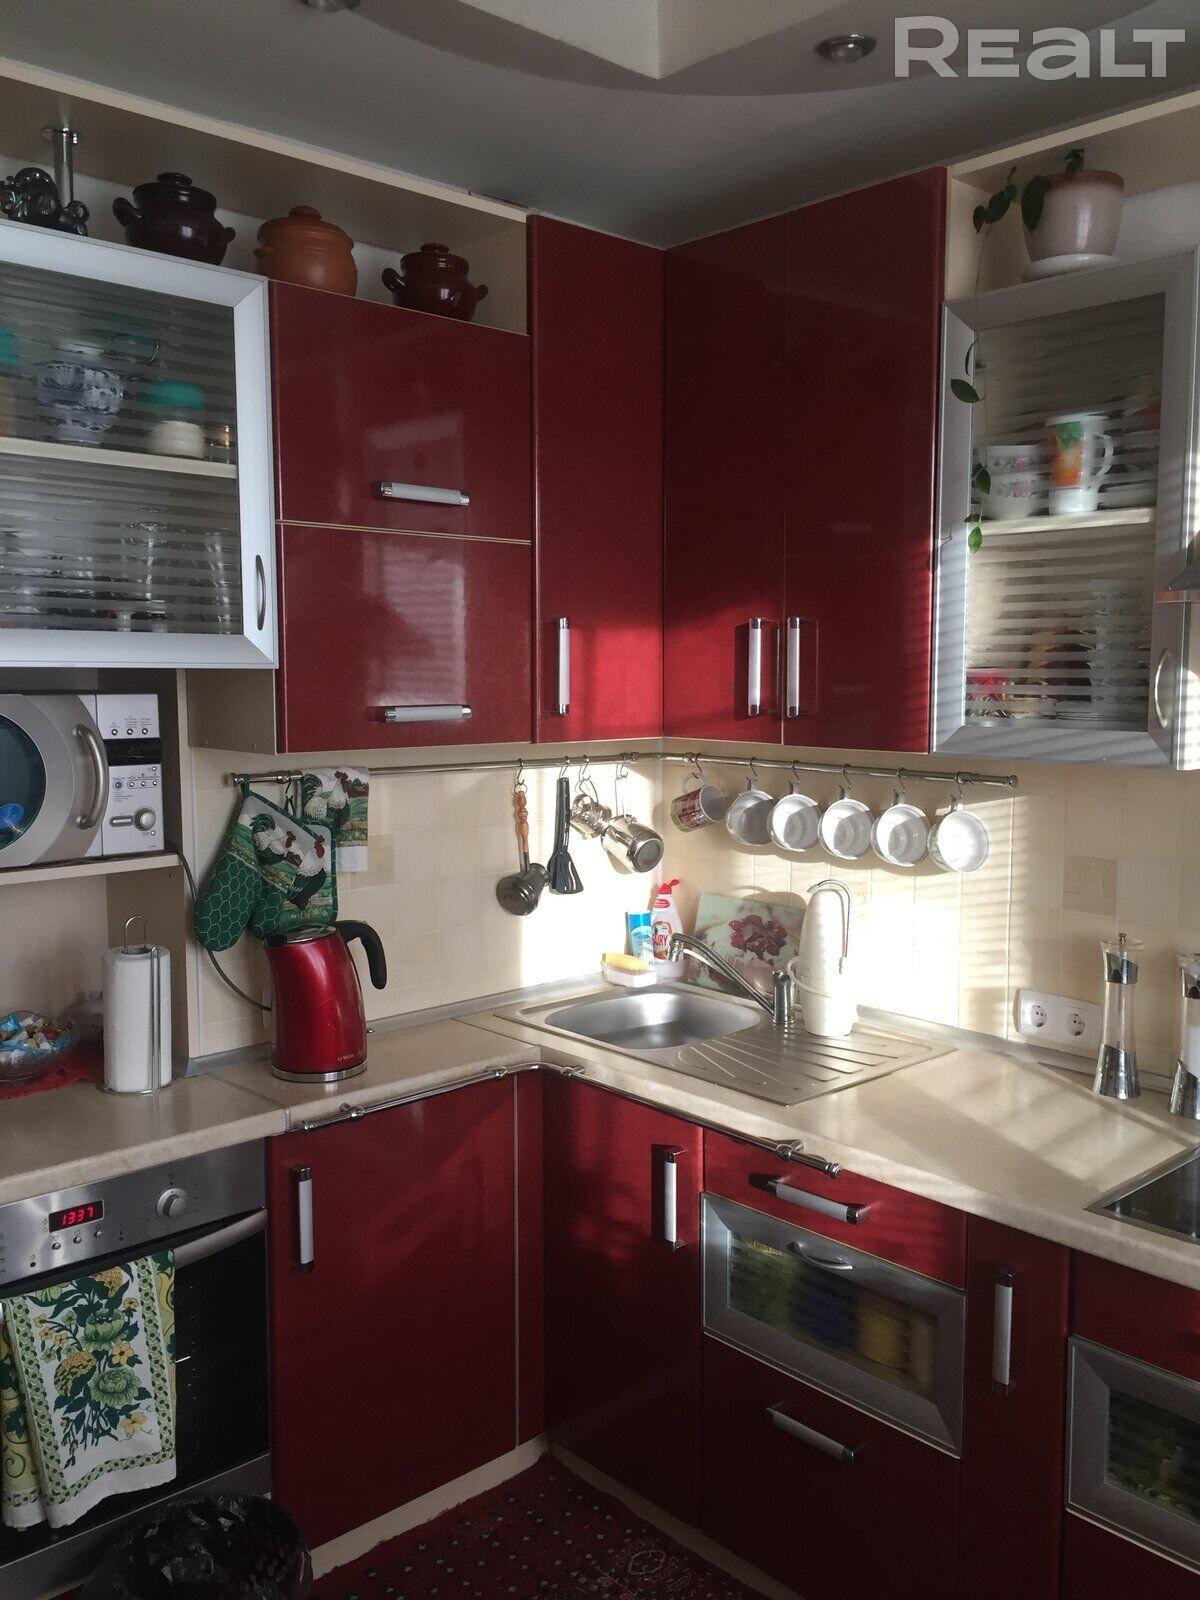 Великолепная квартира, по ул. Рафиева 85, полностью меблирована! Предлагайте Вашу цену!